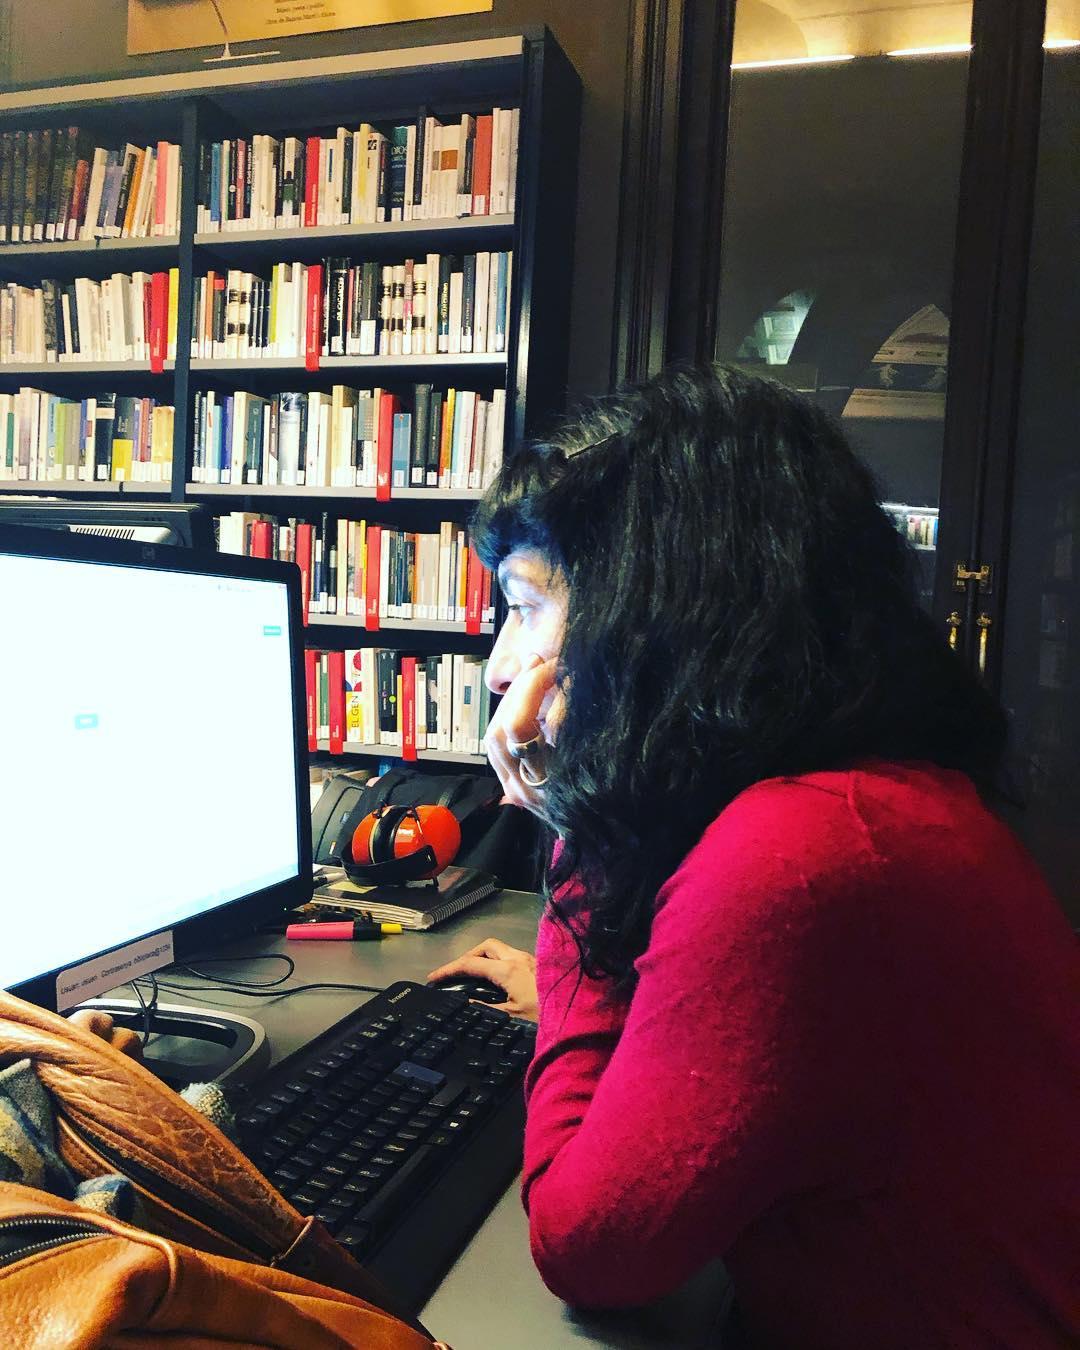 Roser Amills pillada en la biblioteca del @ateneubcn muy concentrada